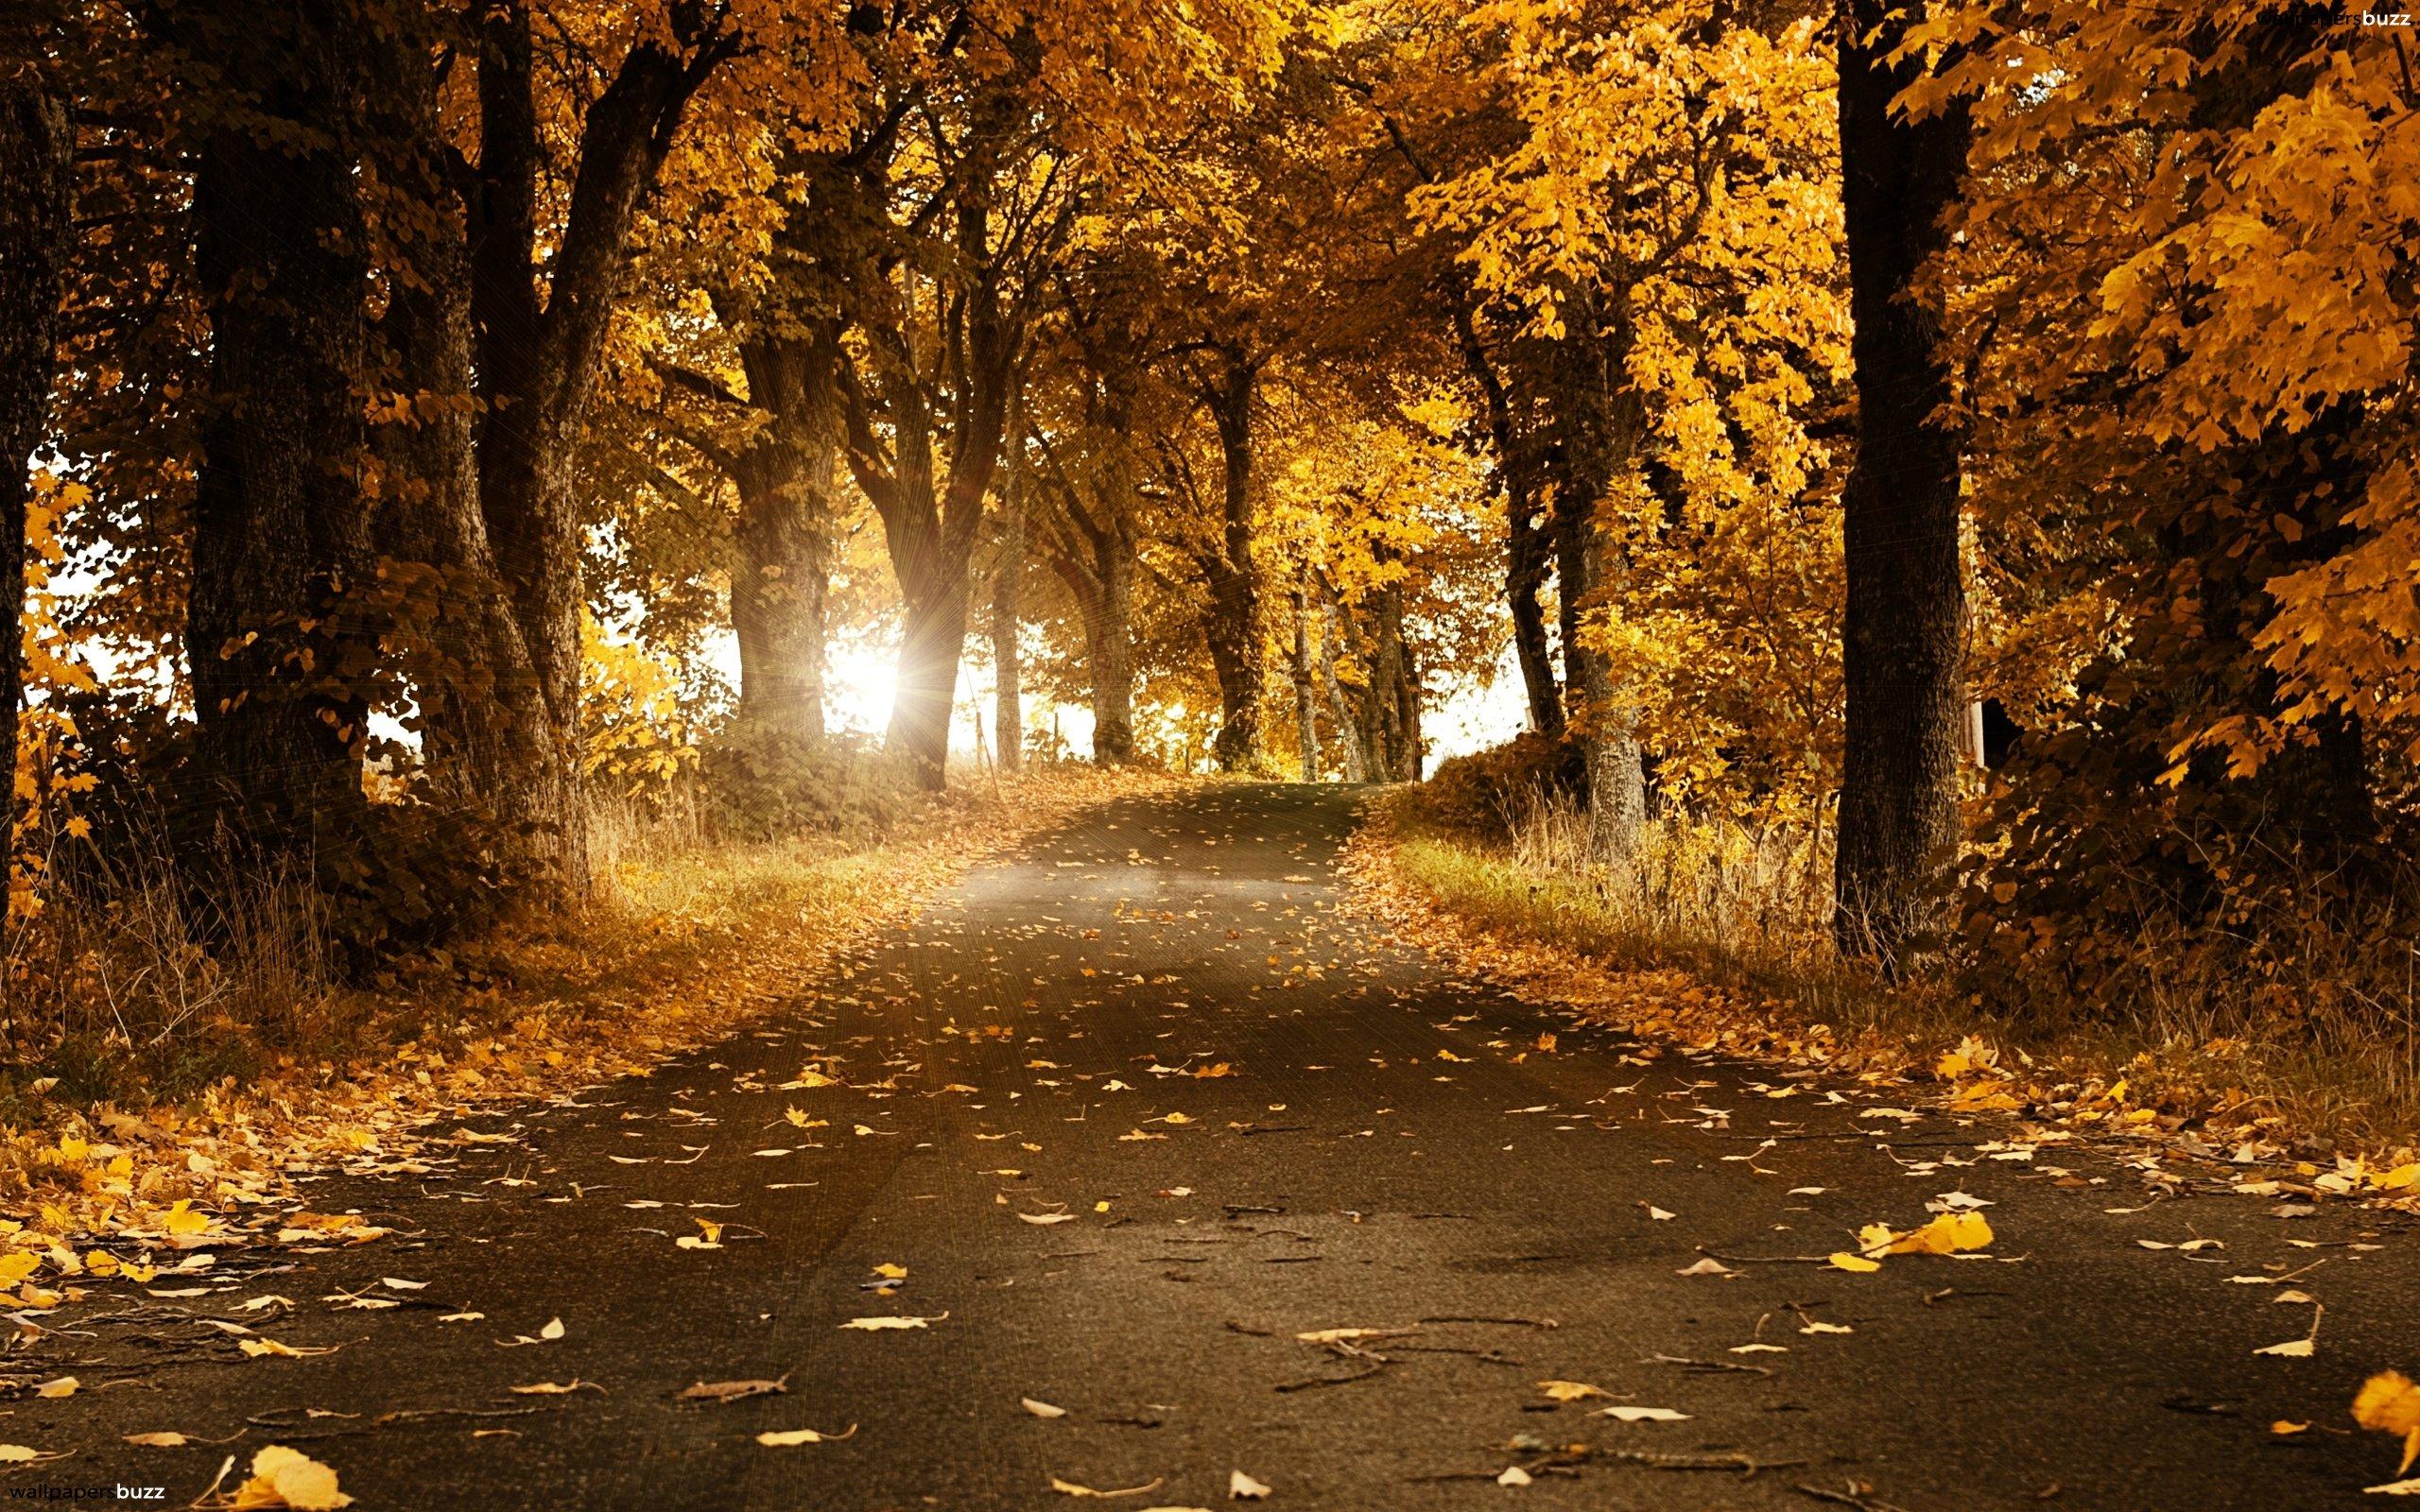 Autumn Road HD Wallpaper